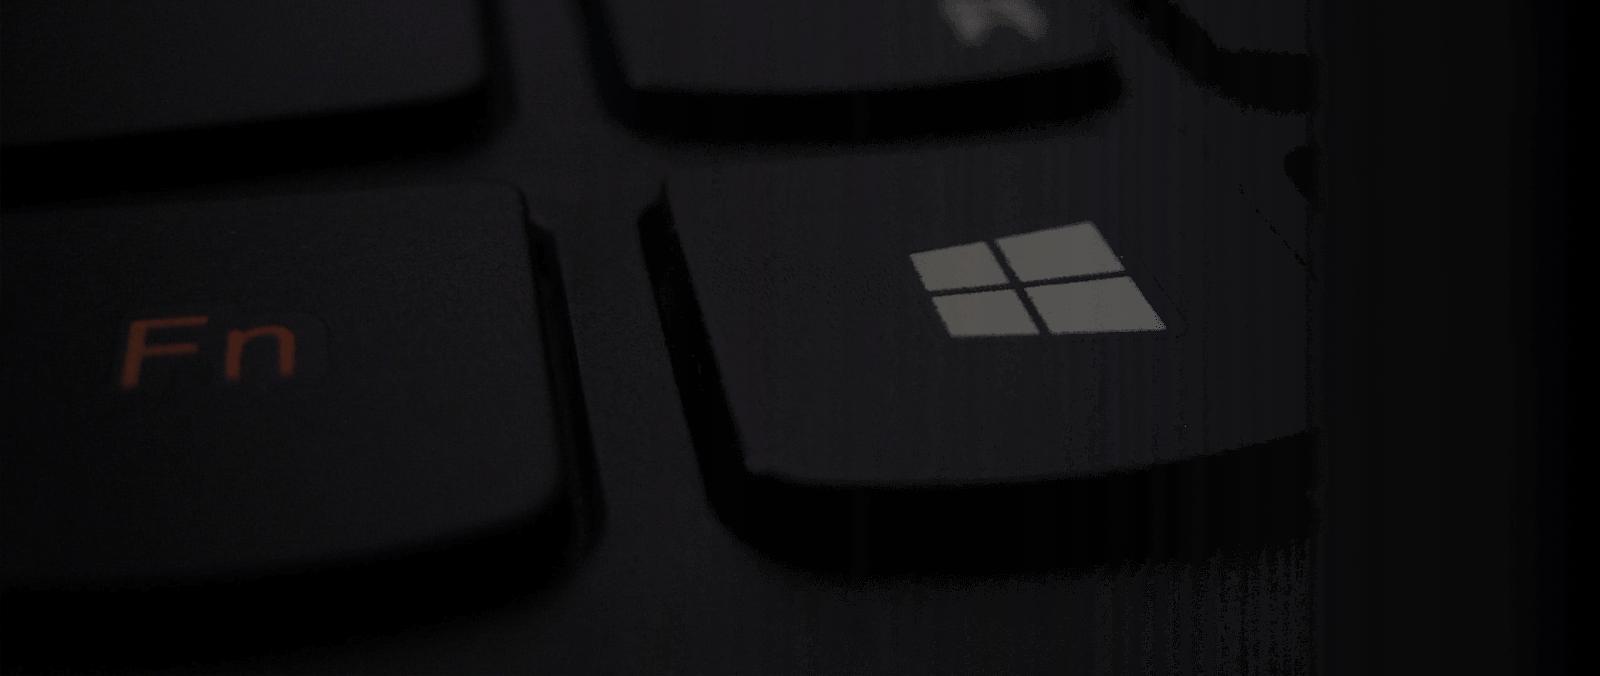 Windows 10'da Çalışmayan Windows Anahtarını Düzeltme